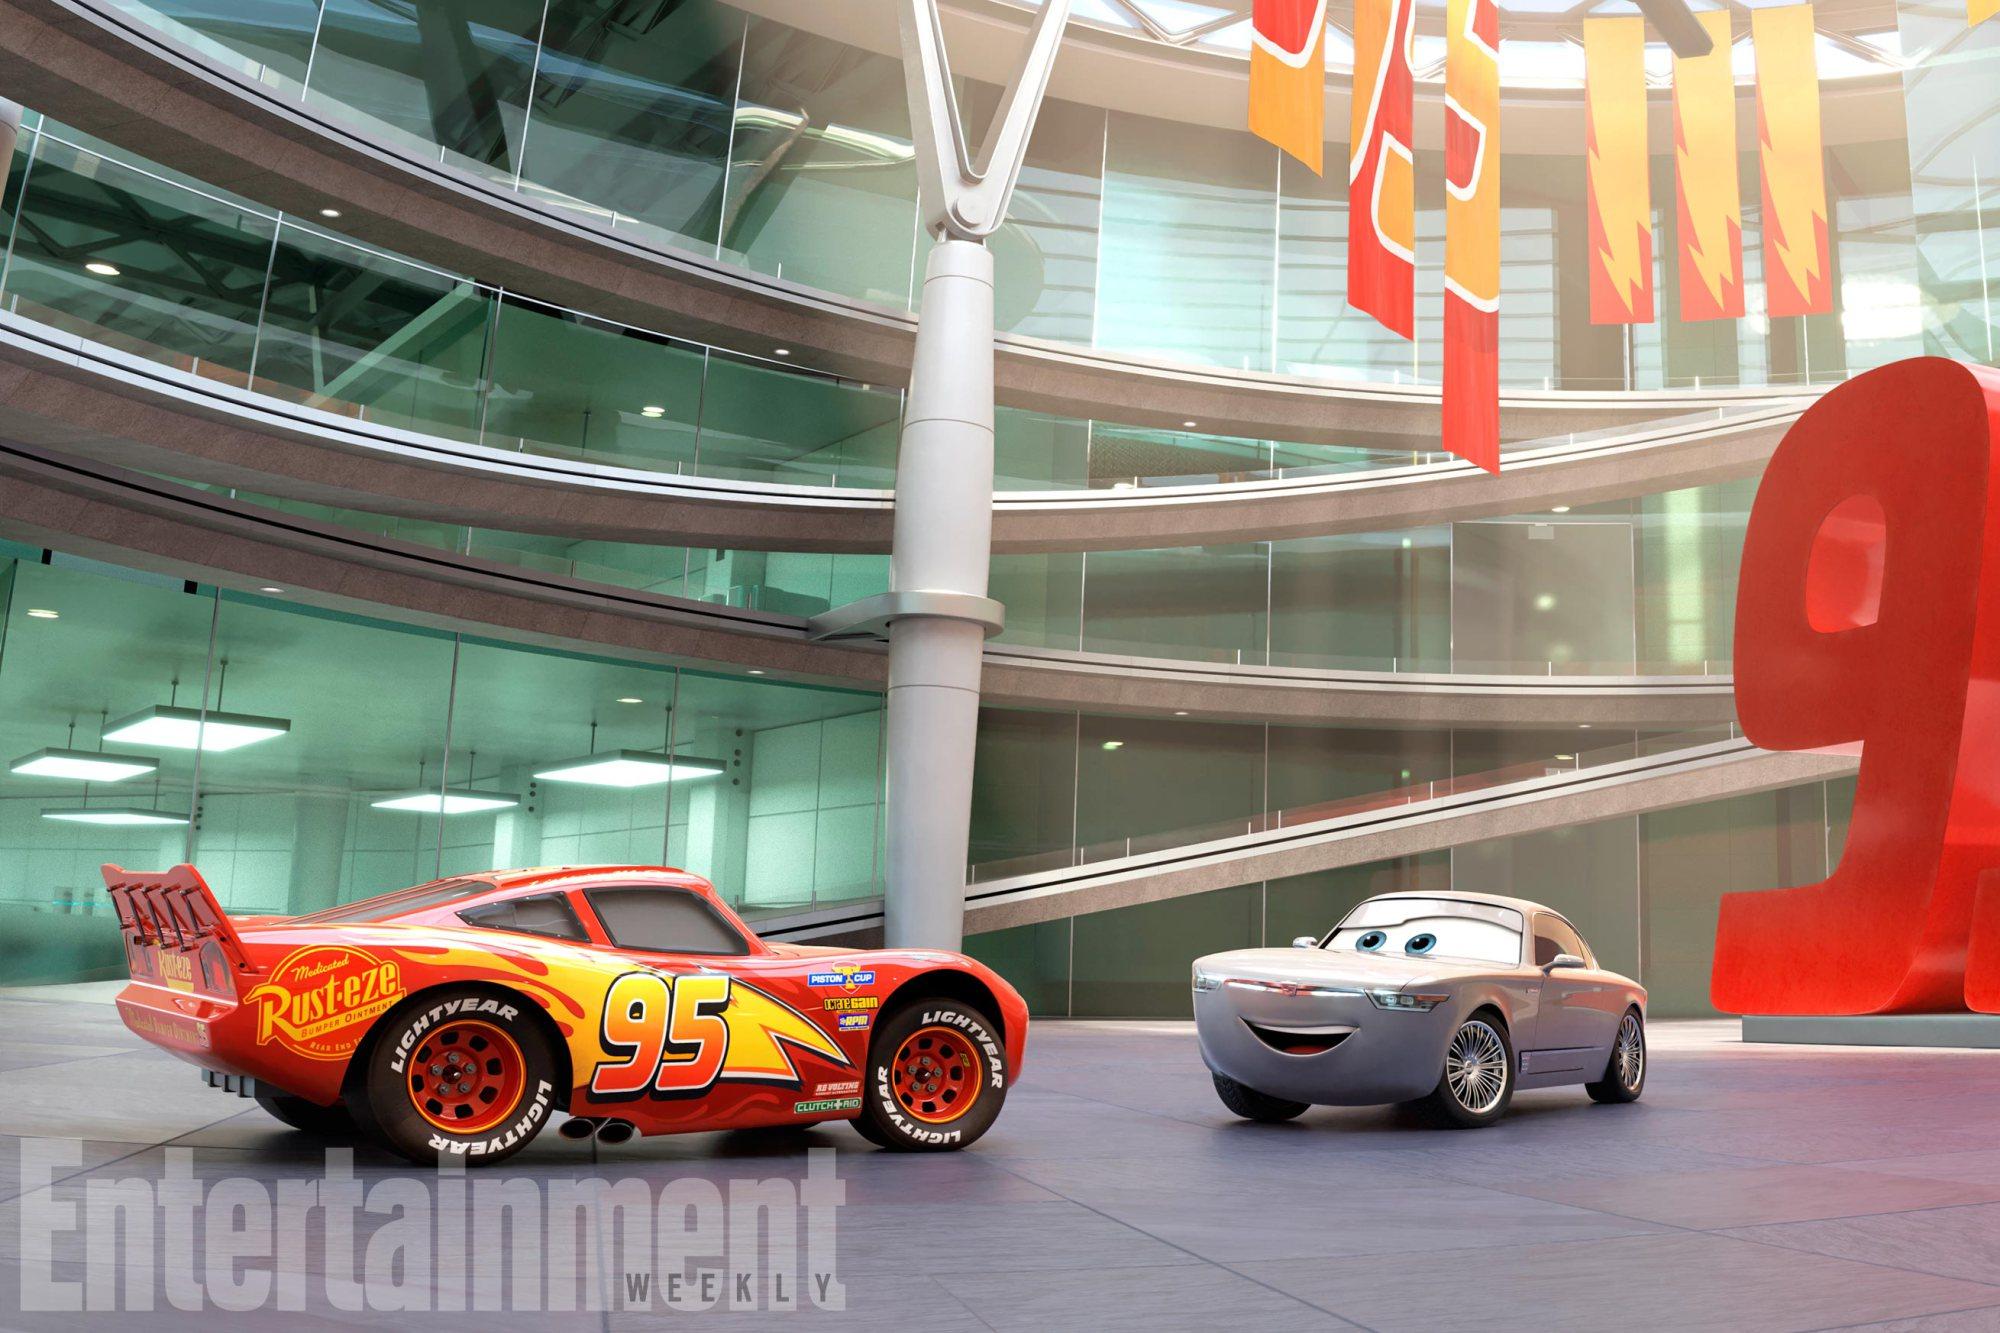 sterling pixar wiki fandom powered by wikia